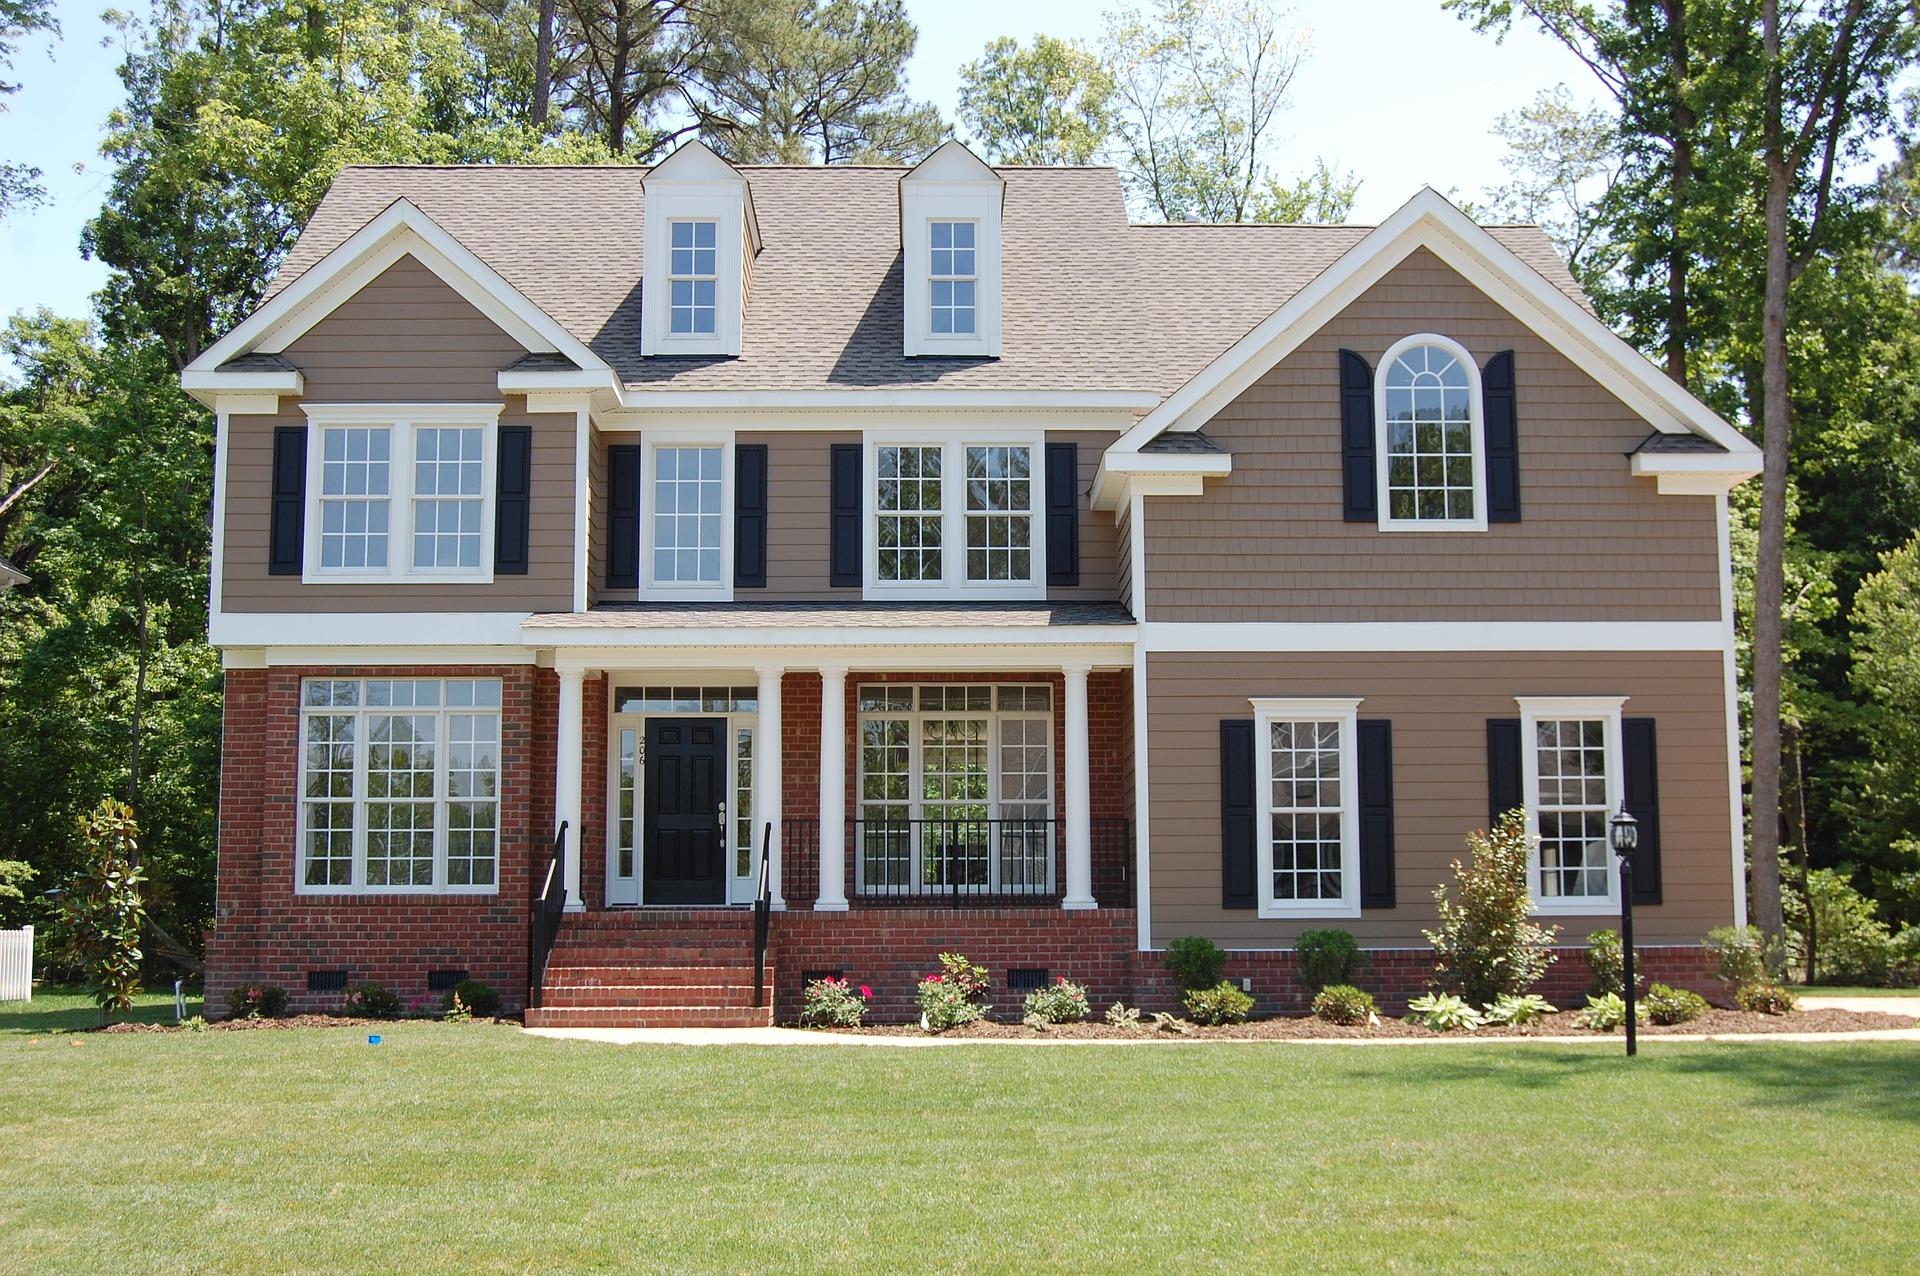 Lån penge til udbetalingen til dit hus